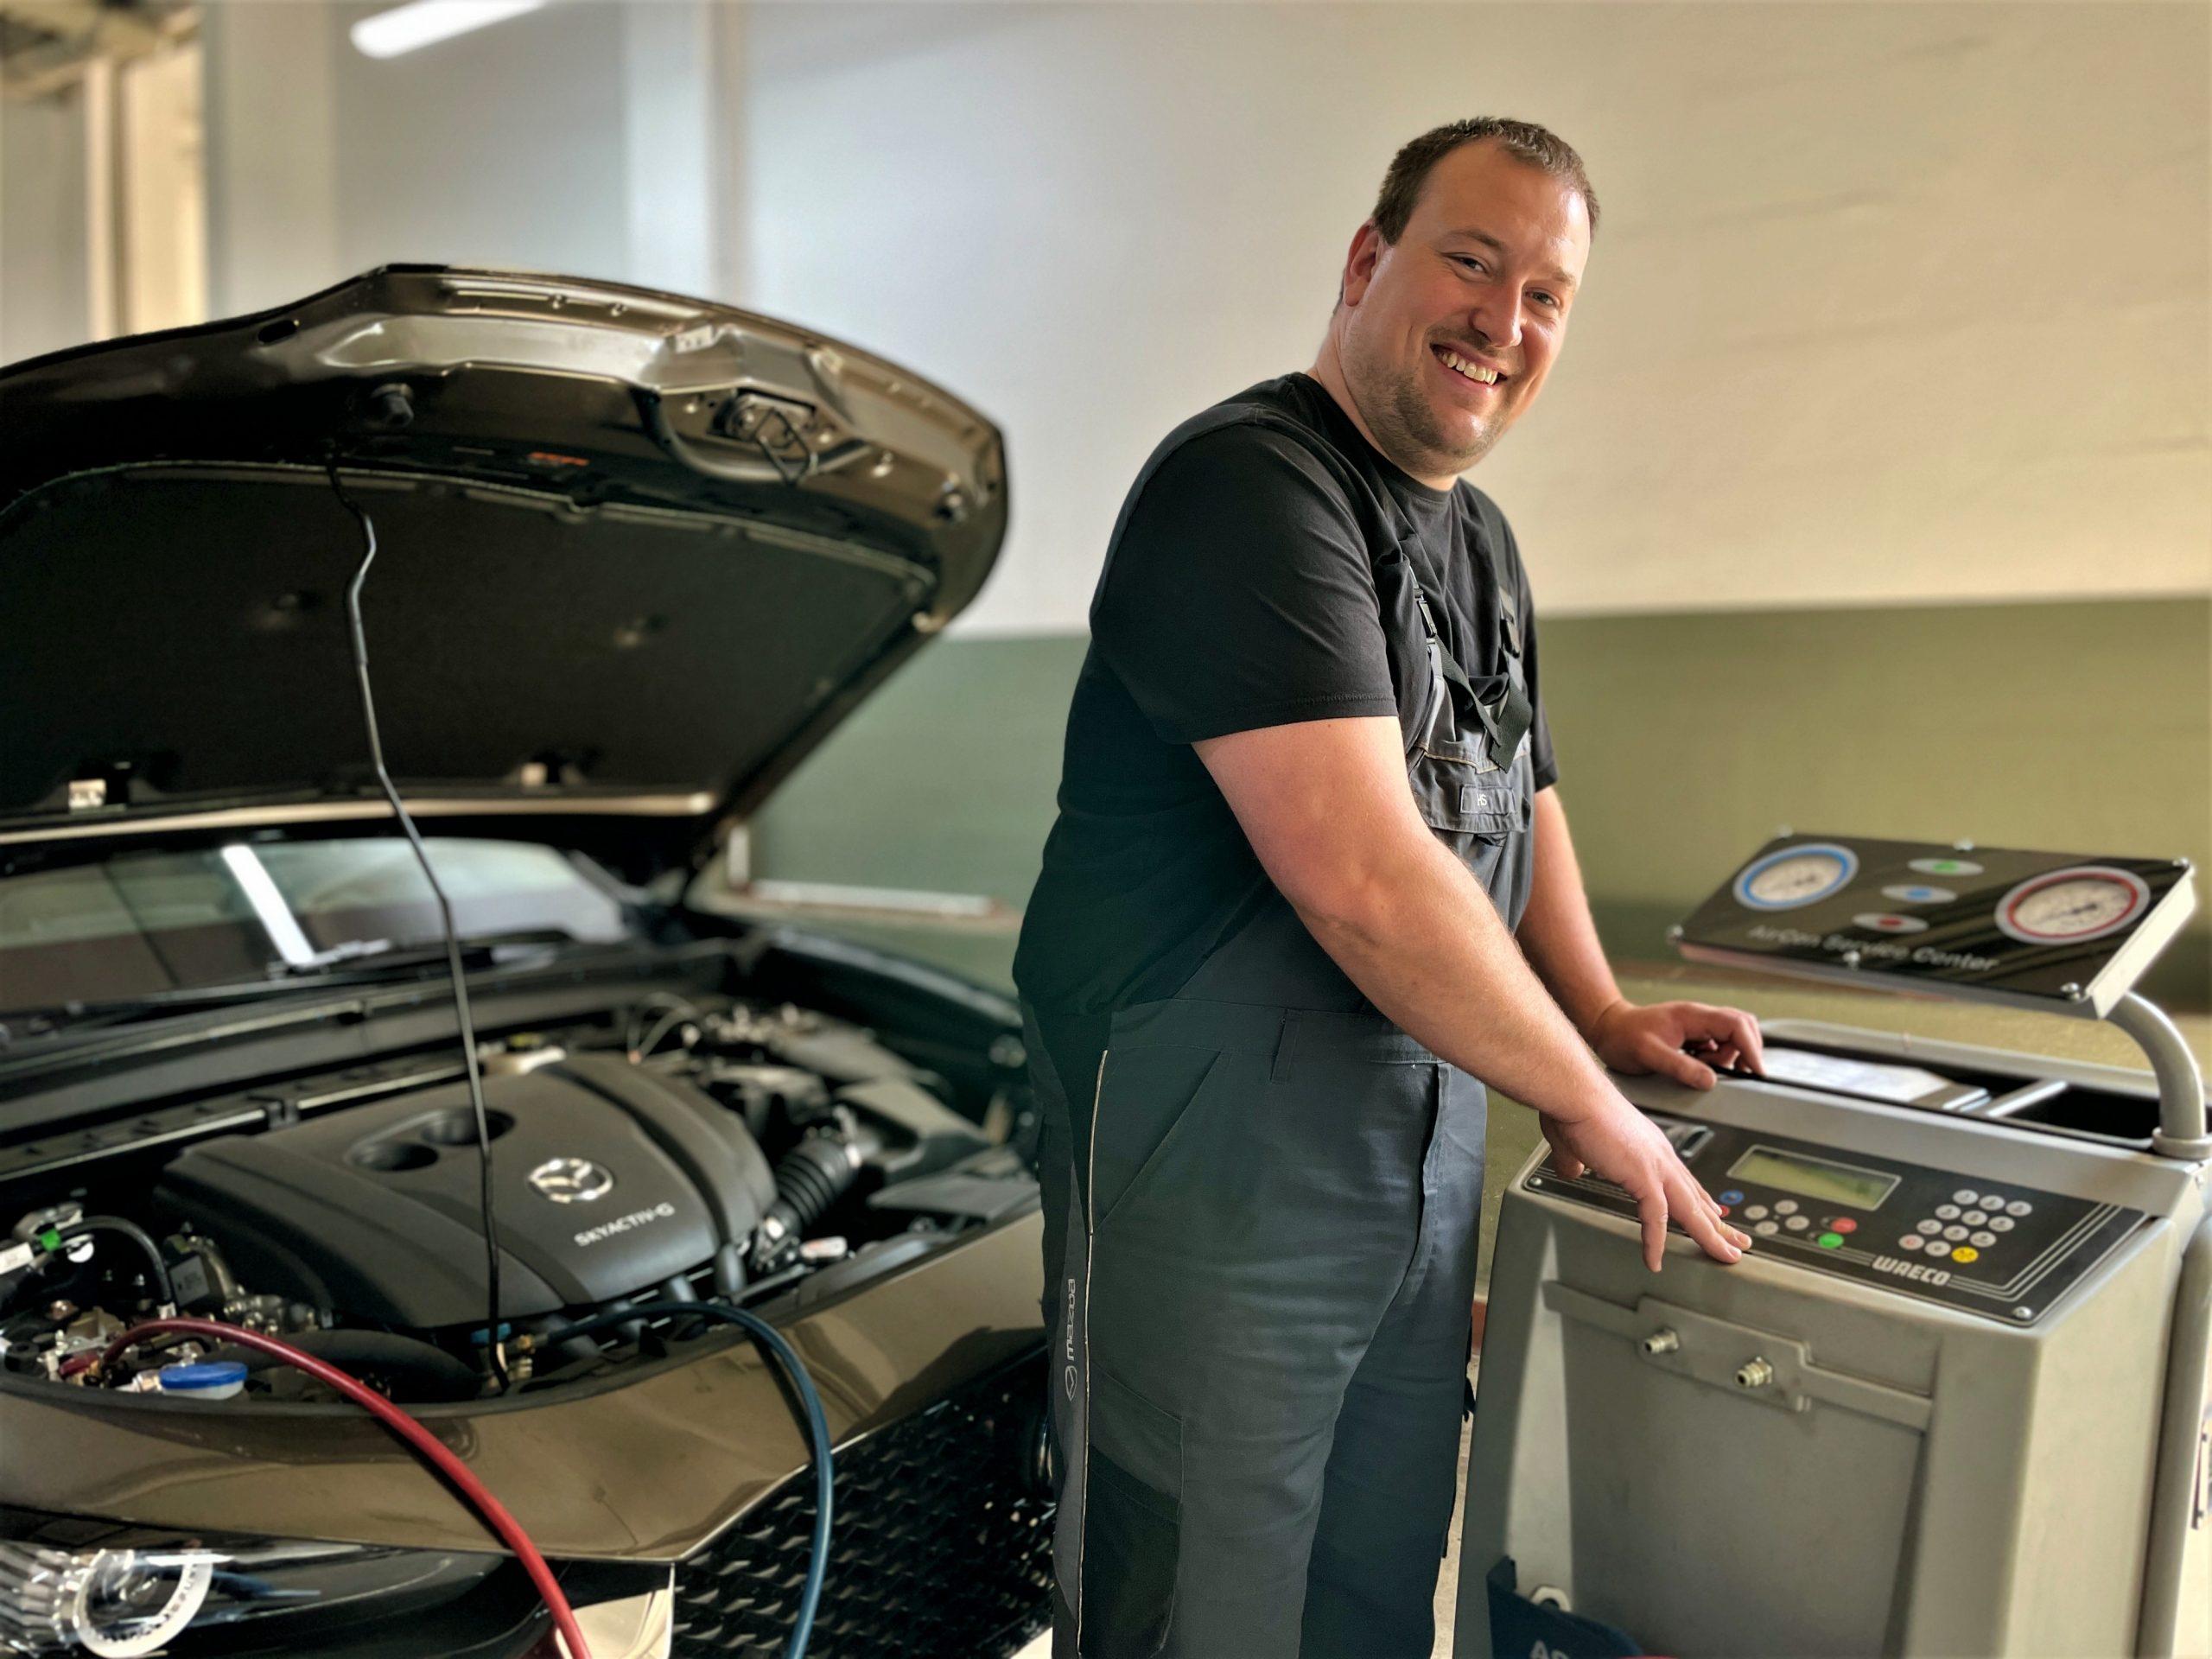 Klimaservice-Angebot: für nur 69 €* machen wir Ihr Auto fit für den heißen Sommer!